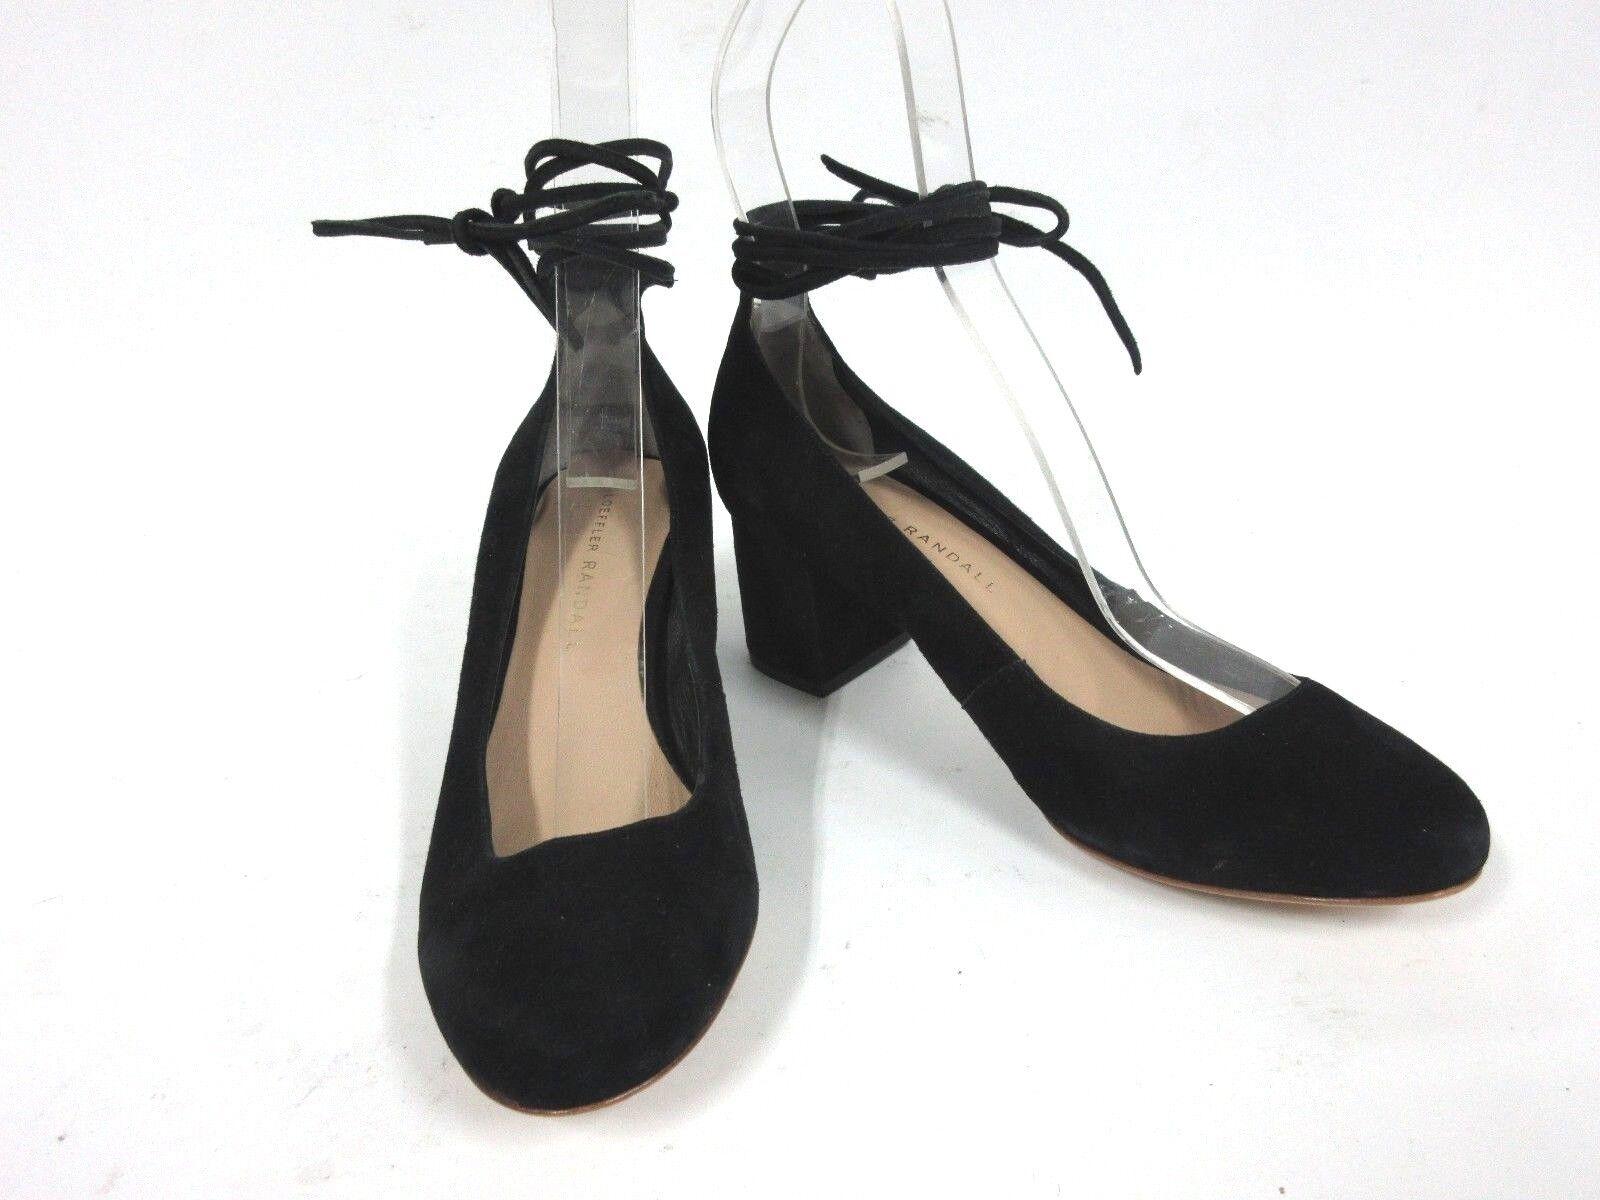 nuovo di marca New New New LOEFFLER RANDALL Clara Suede Ankle-Tie Pumps nero Dimensione  6 B  miglior servizio